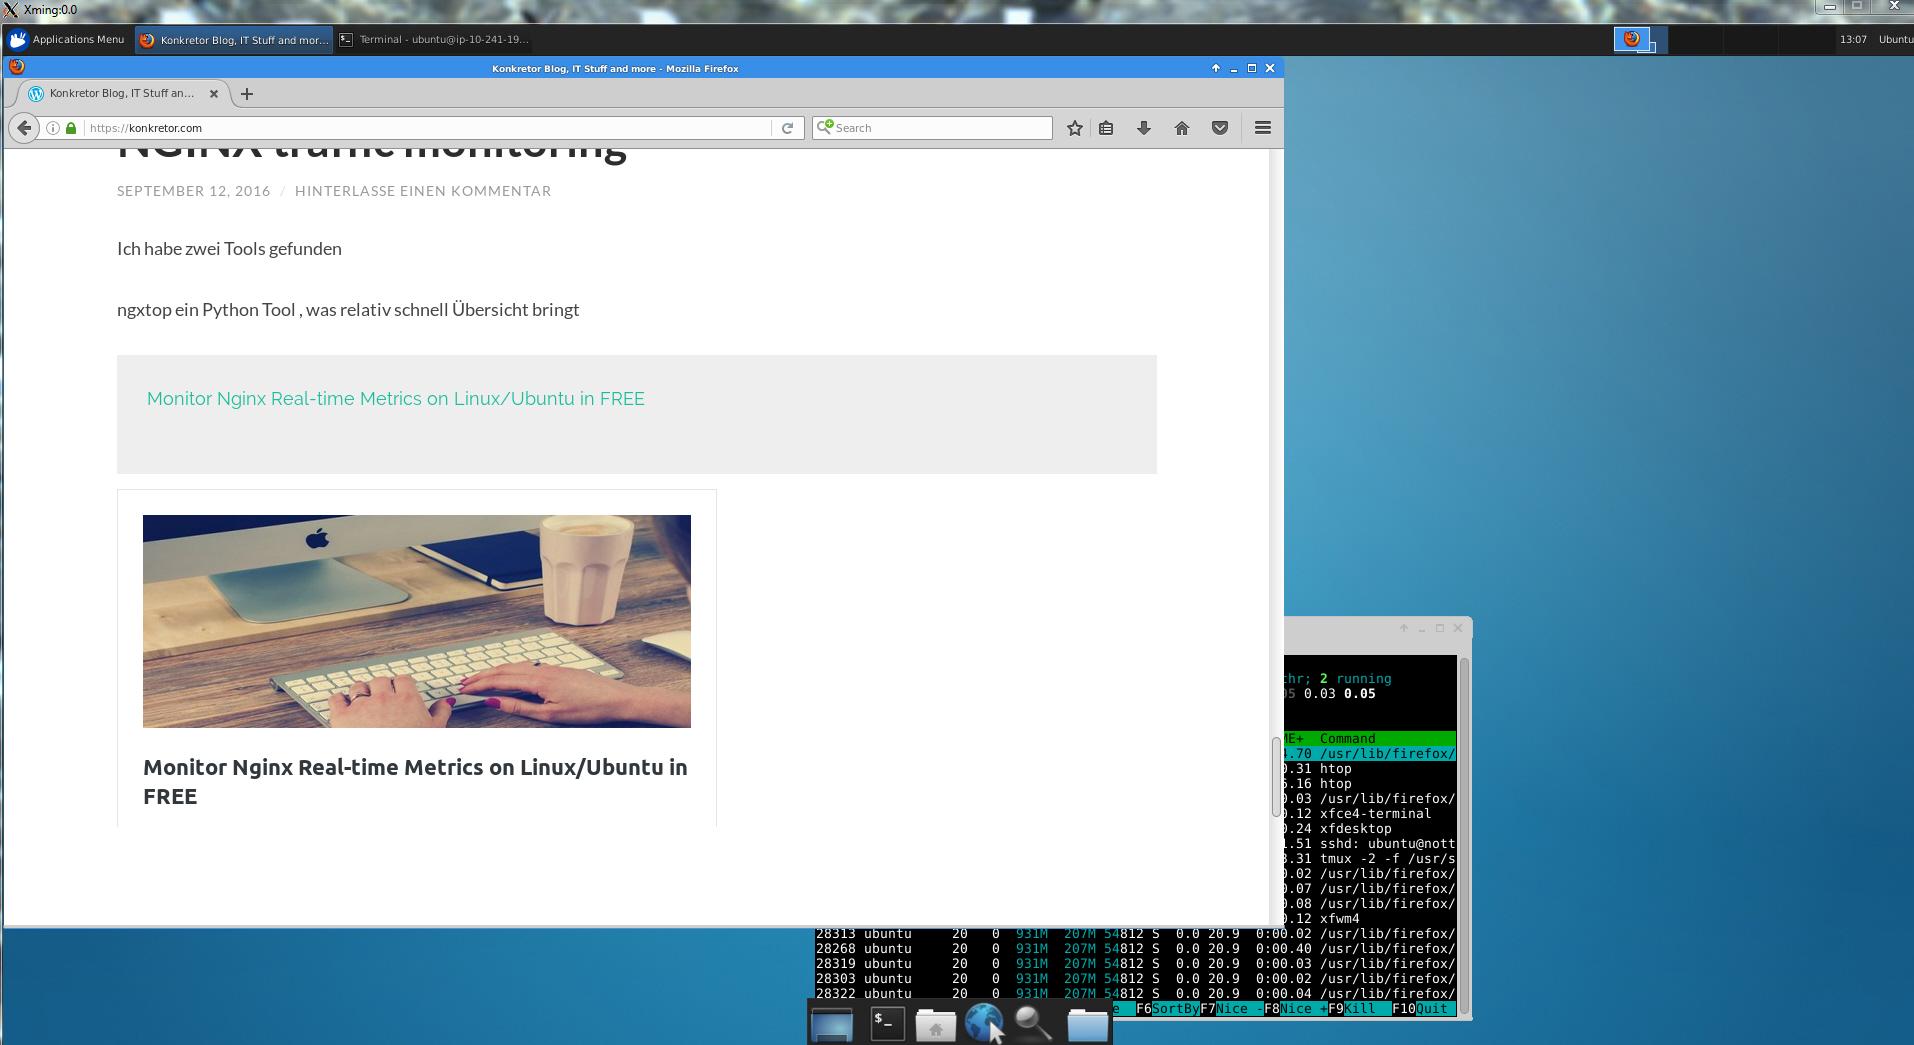 xming start xubuntu desktop | Konkretor Blog, IT Stuff and more